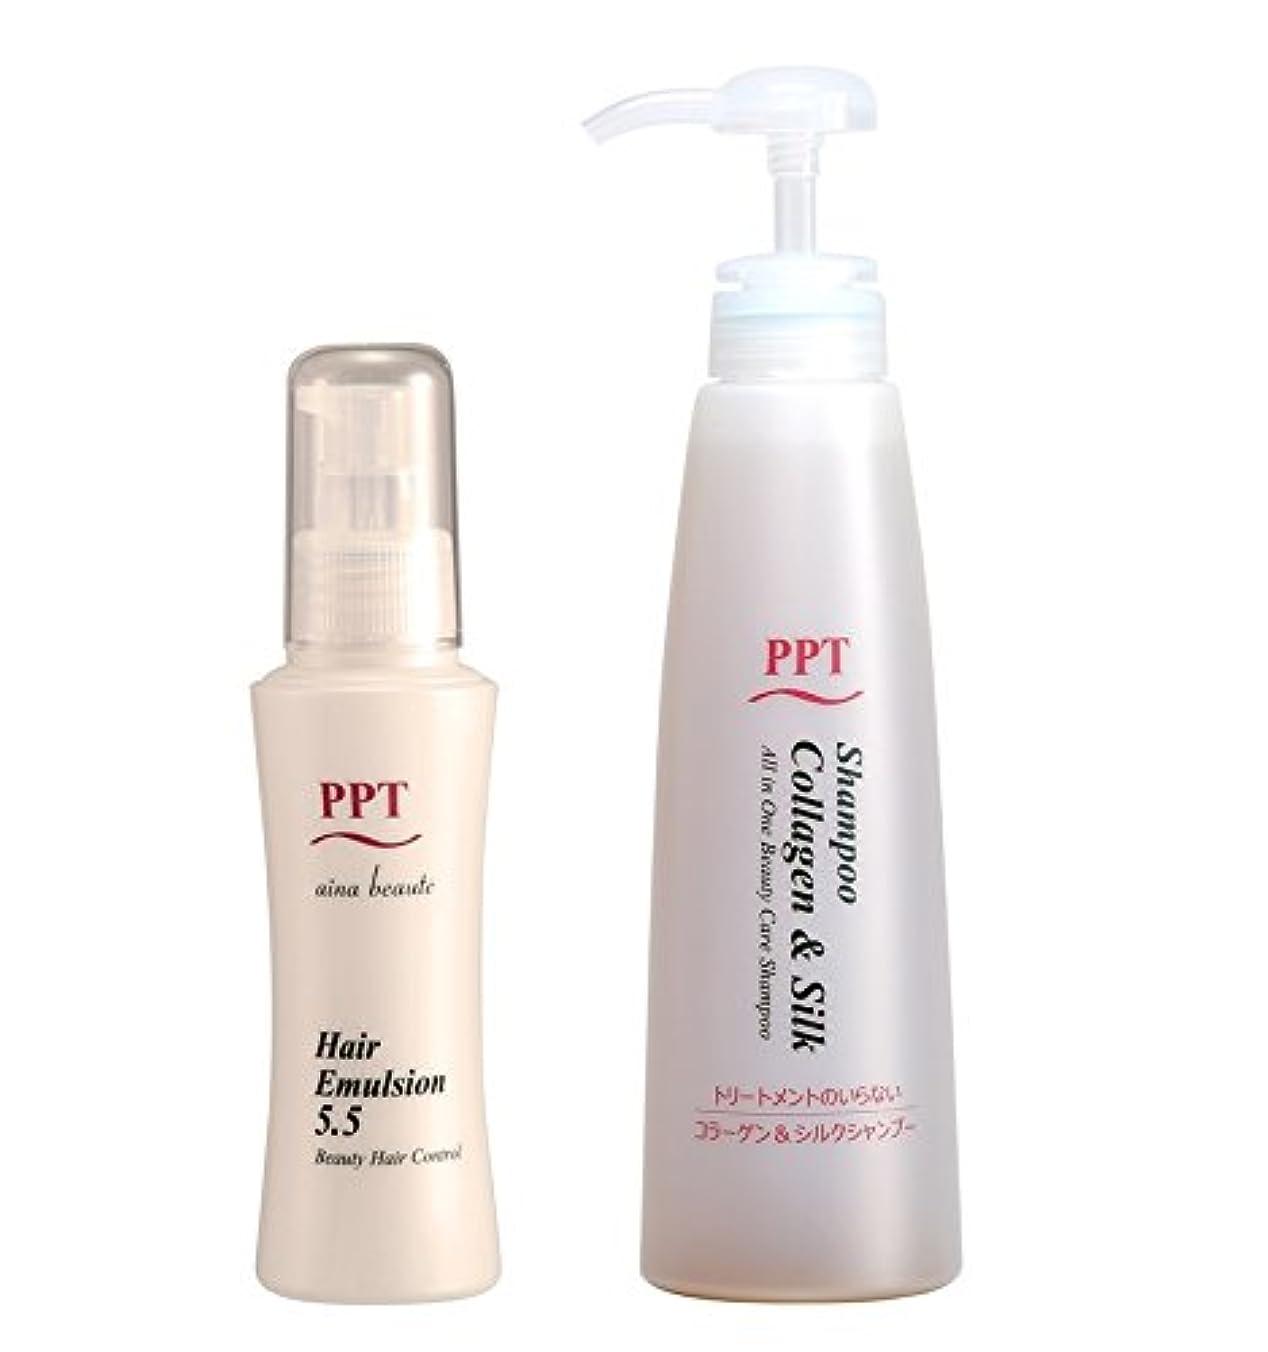 リーダーシップ証人自我トリートメント不要 PPTコラーゲン&シルクシャンプー乾燥肌~普通肌用(しっとり),PPTヘアエマルジョン5.5セット